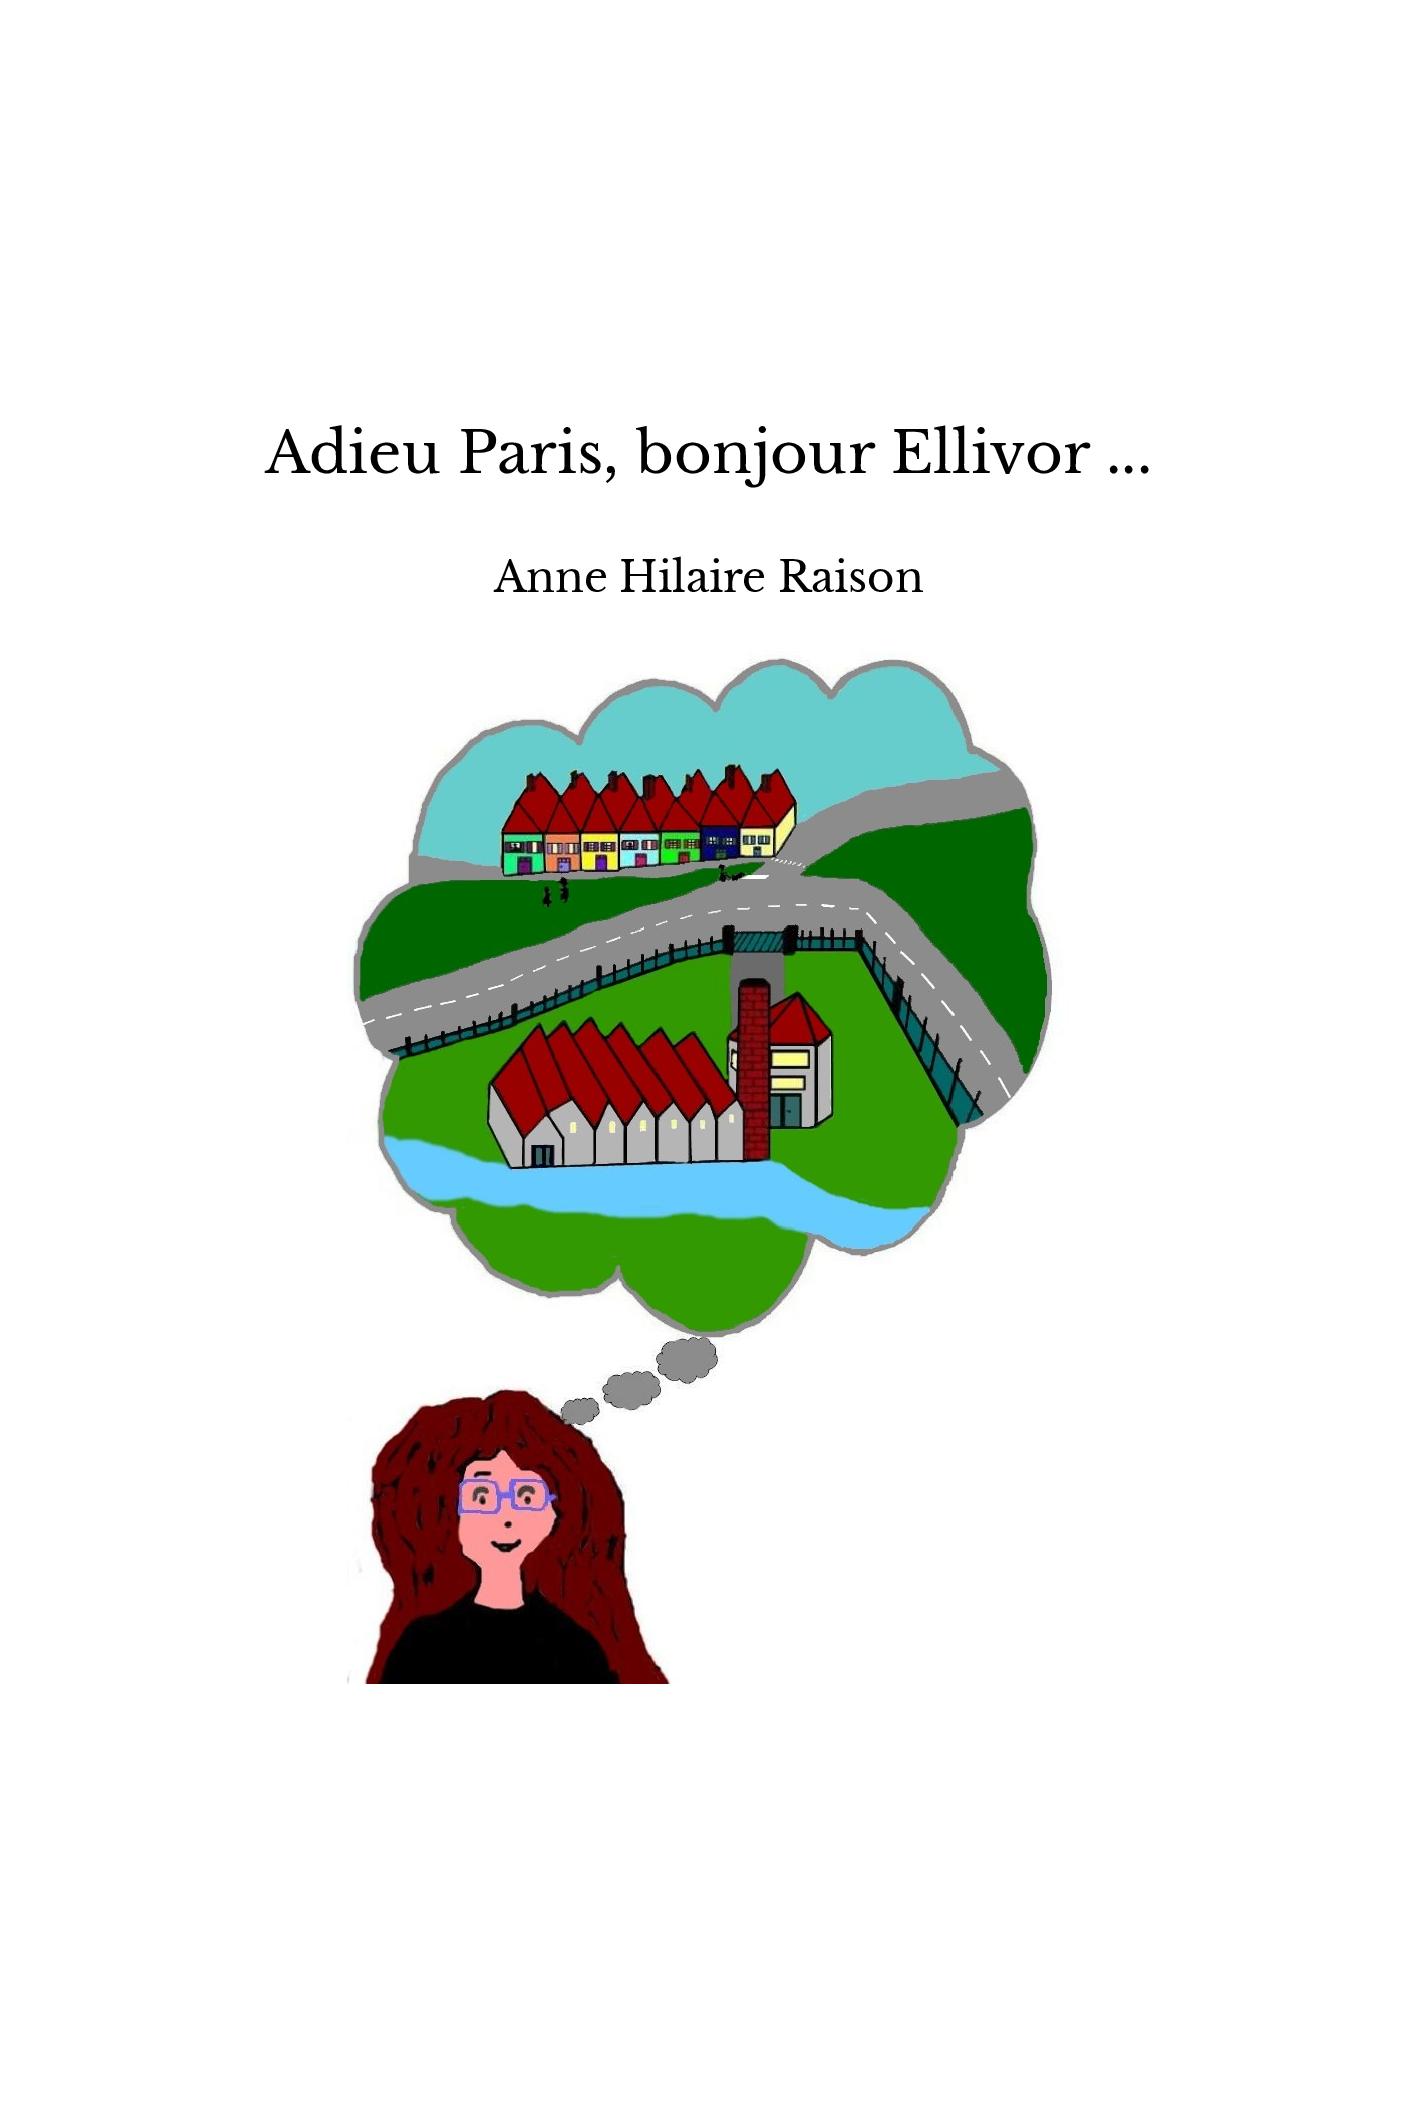 Adieu Paris, bonjour Ellivor ...